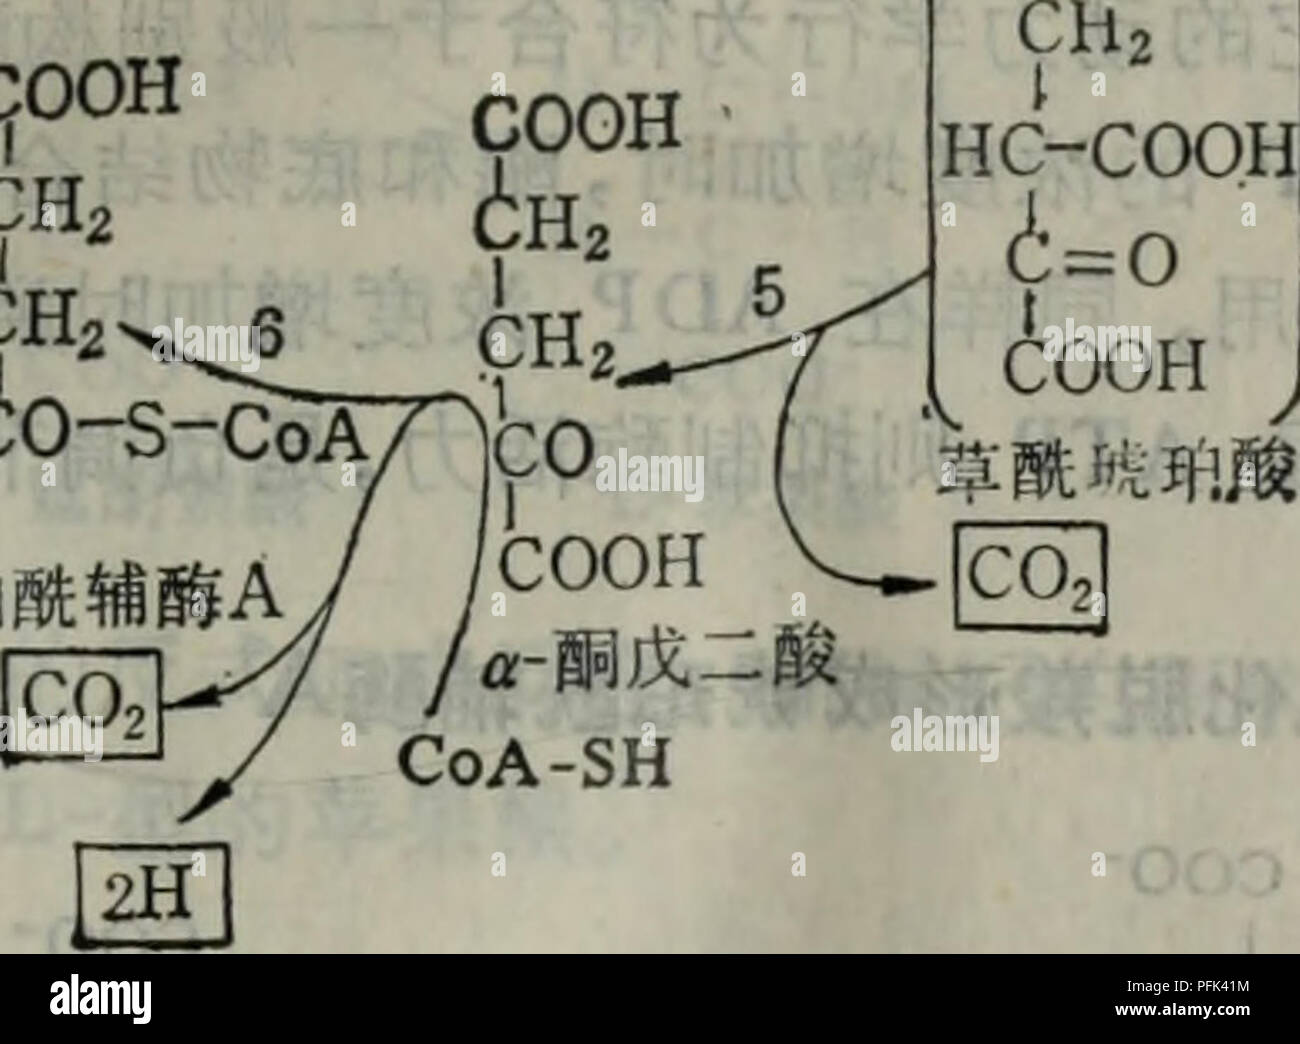 Dai Xie Tang Ji Qi Tiao Kong Yu He Suan Botany COOH CH2 CH2gt C0A SH 7 4o S CoA GDP Pi Ae 3 4 A Ca 1ae